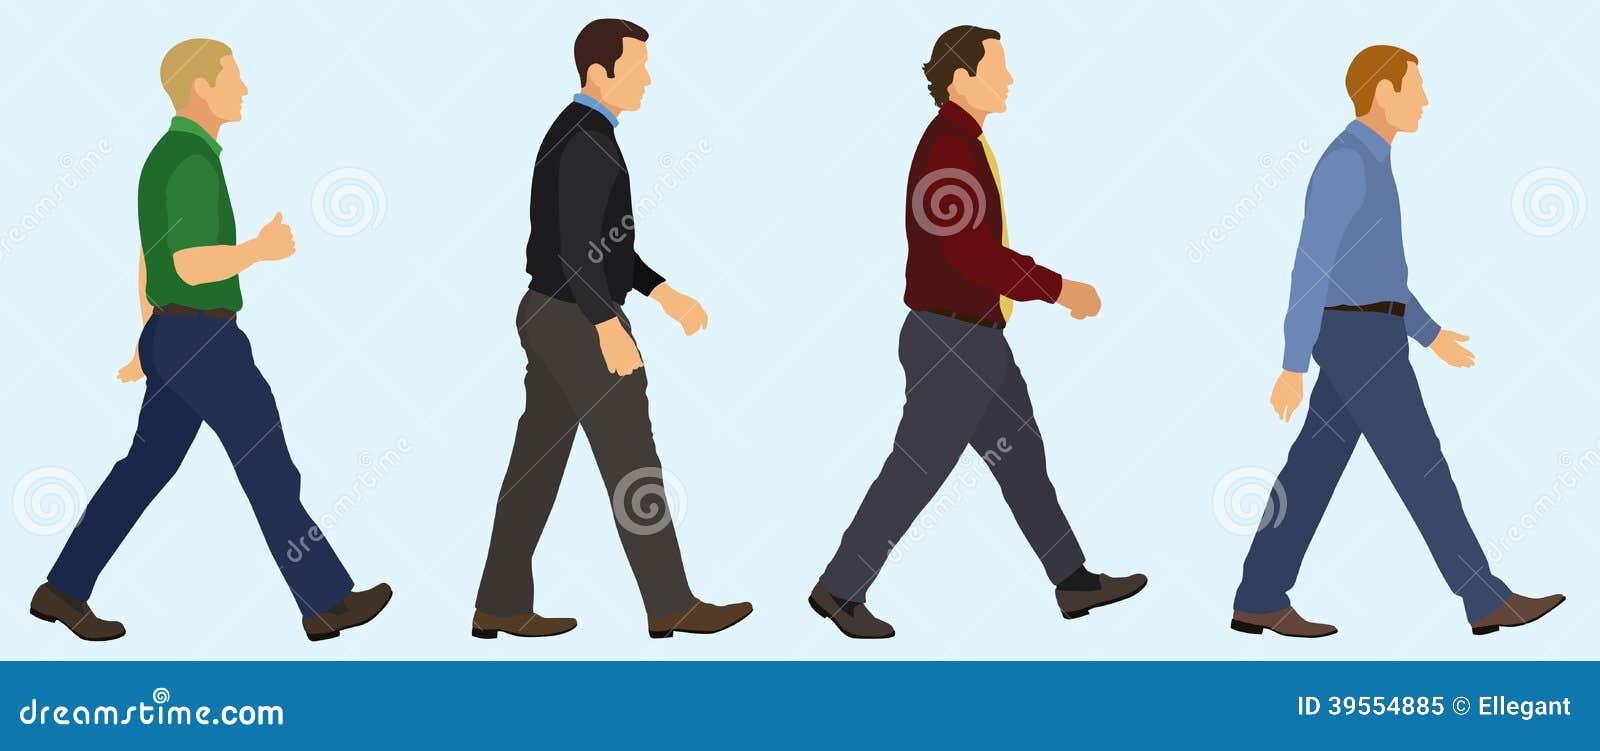 Men Walking in a Line